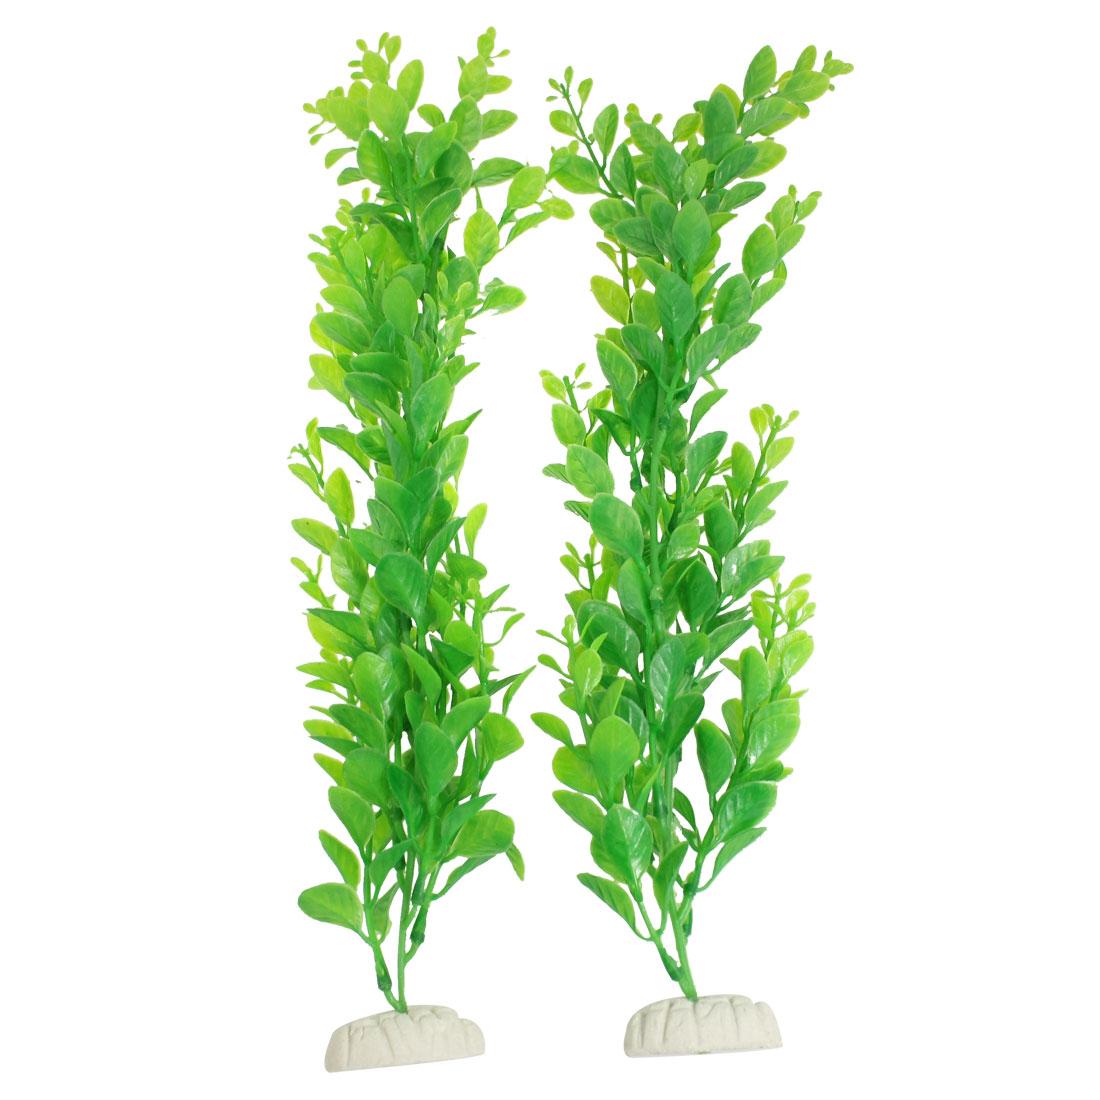 """2 Pcs Aquarium Fish Tank Decor Green Plastic Plant Grass 14.5"""" High"""